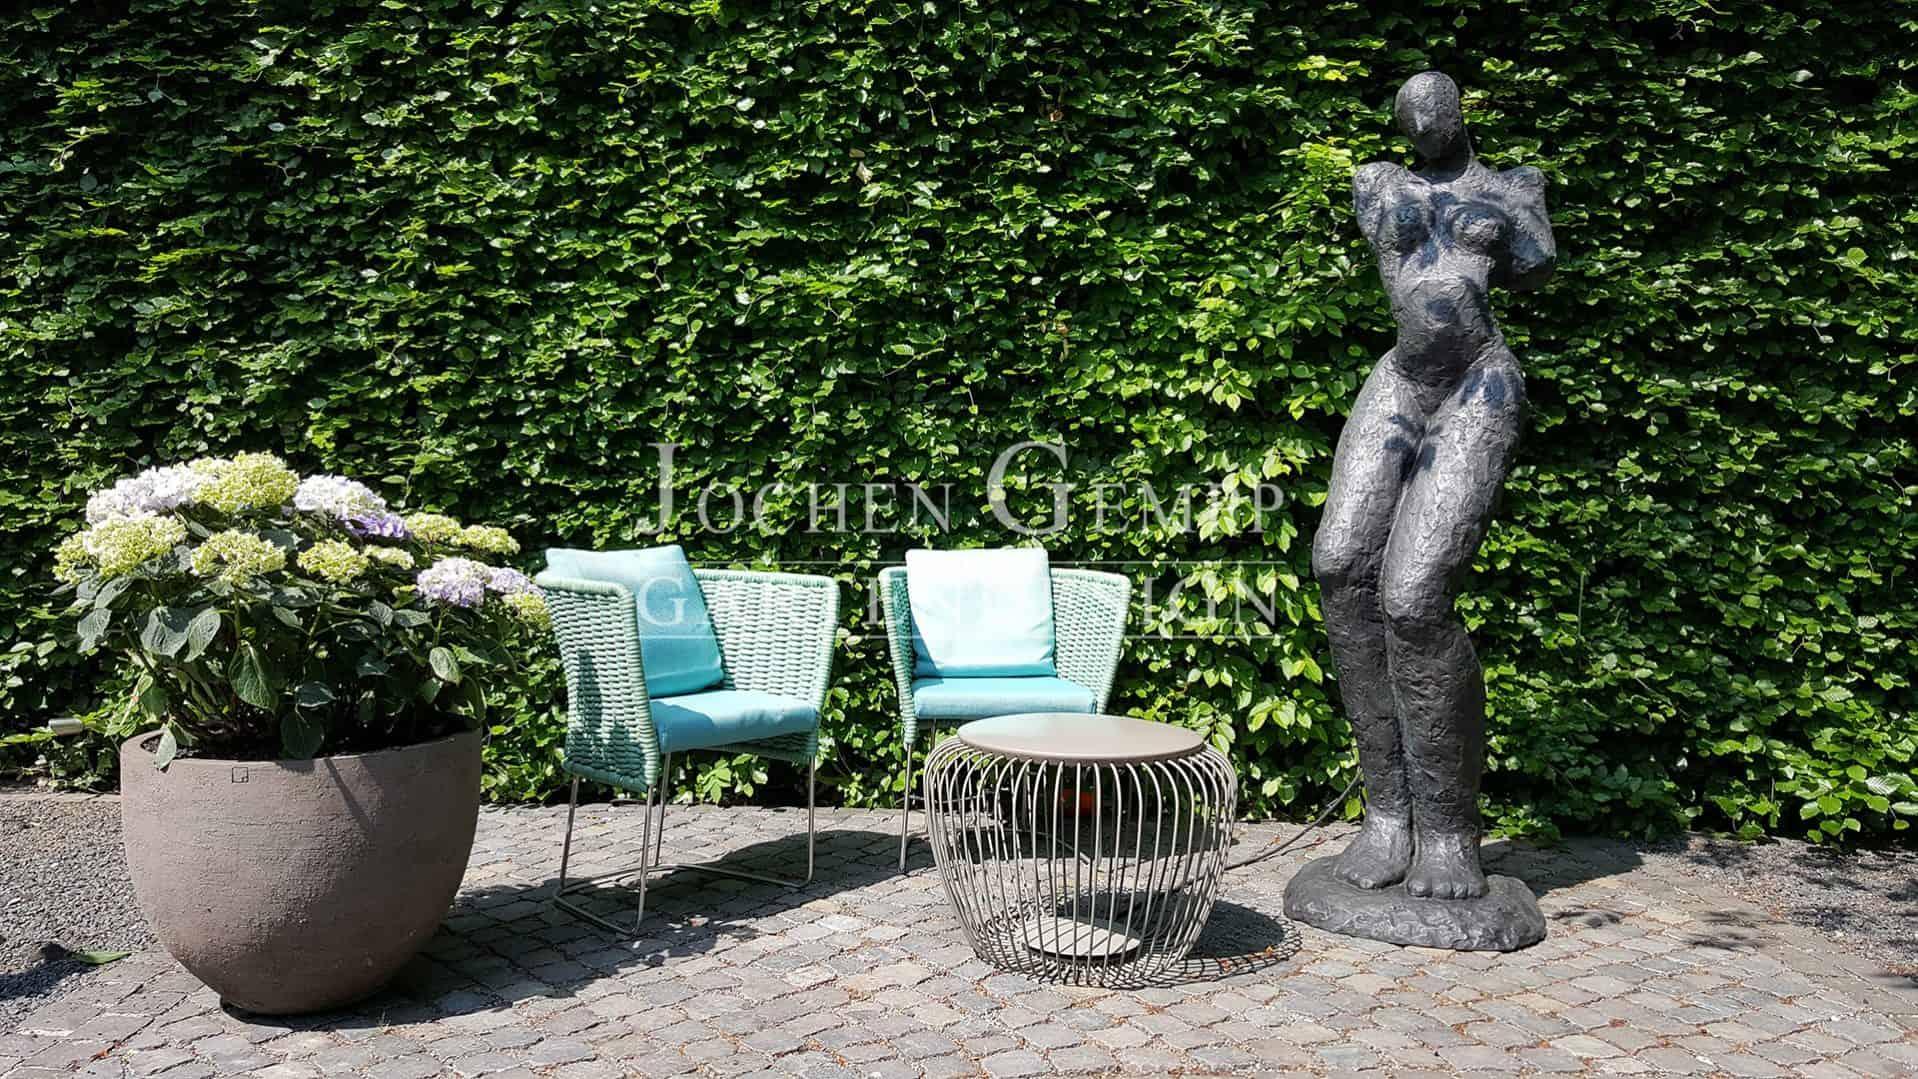 Full Size of Gartenskulpturen Aus Rostigem Eisen Stein Steinguss Kaufen Garten Skulpturen Modern Holz Berlin Edelstahl Skulptur Metall Buddha Moderne Und Stilvolle Gempp Garten Garten Skulpturen